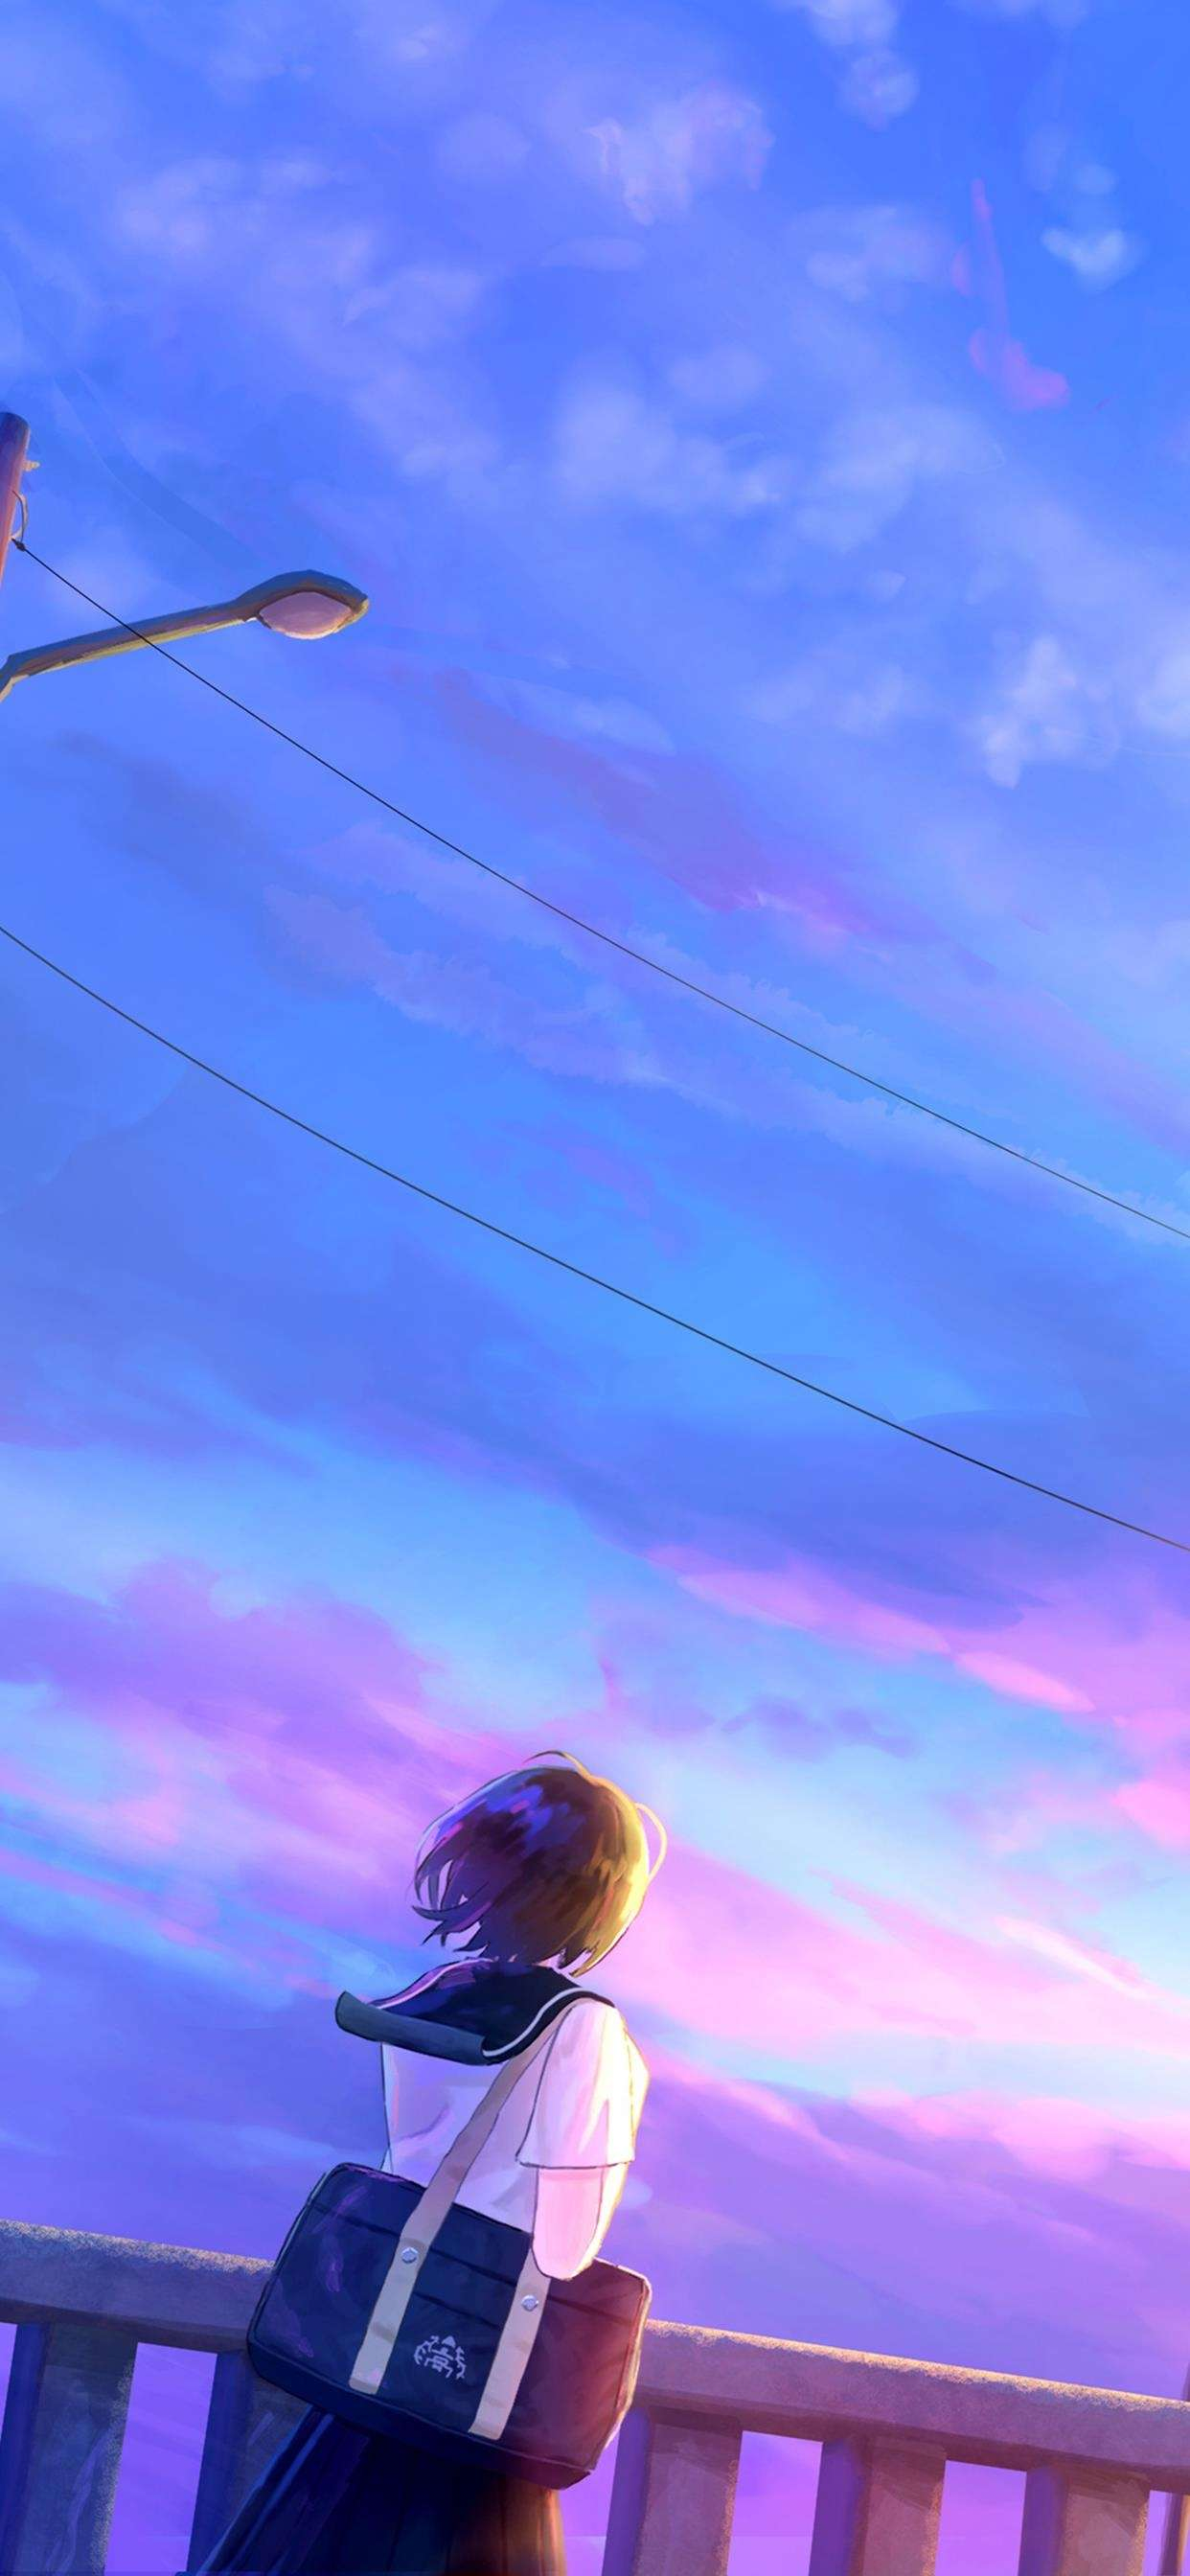 【图片】高清壁纸图63~-小柚妹站